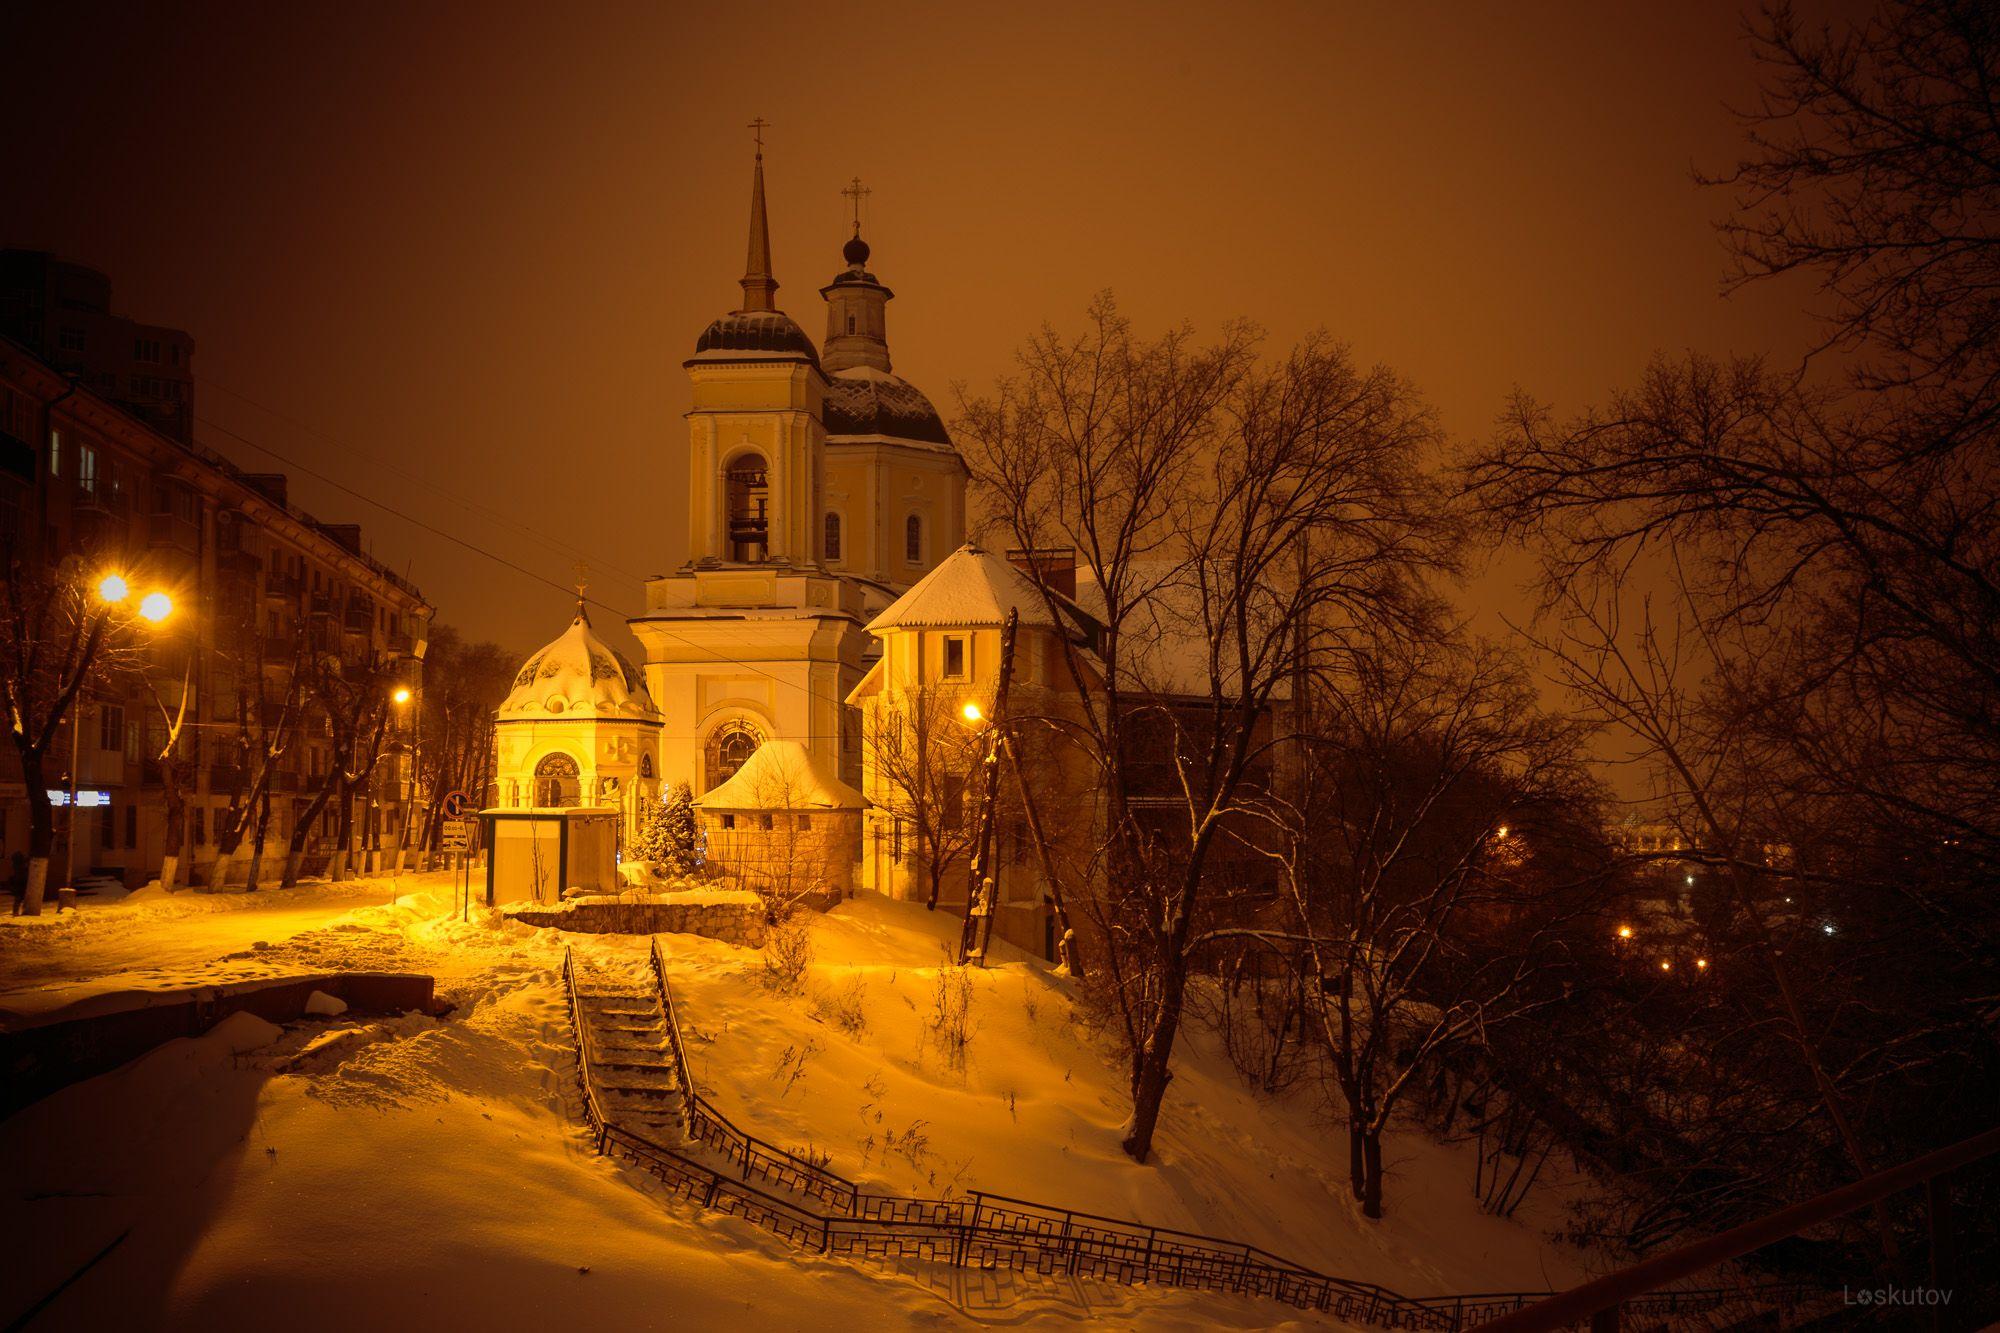 Картинка зимнего пейзажа книжного варианта своей